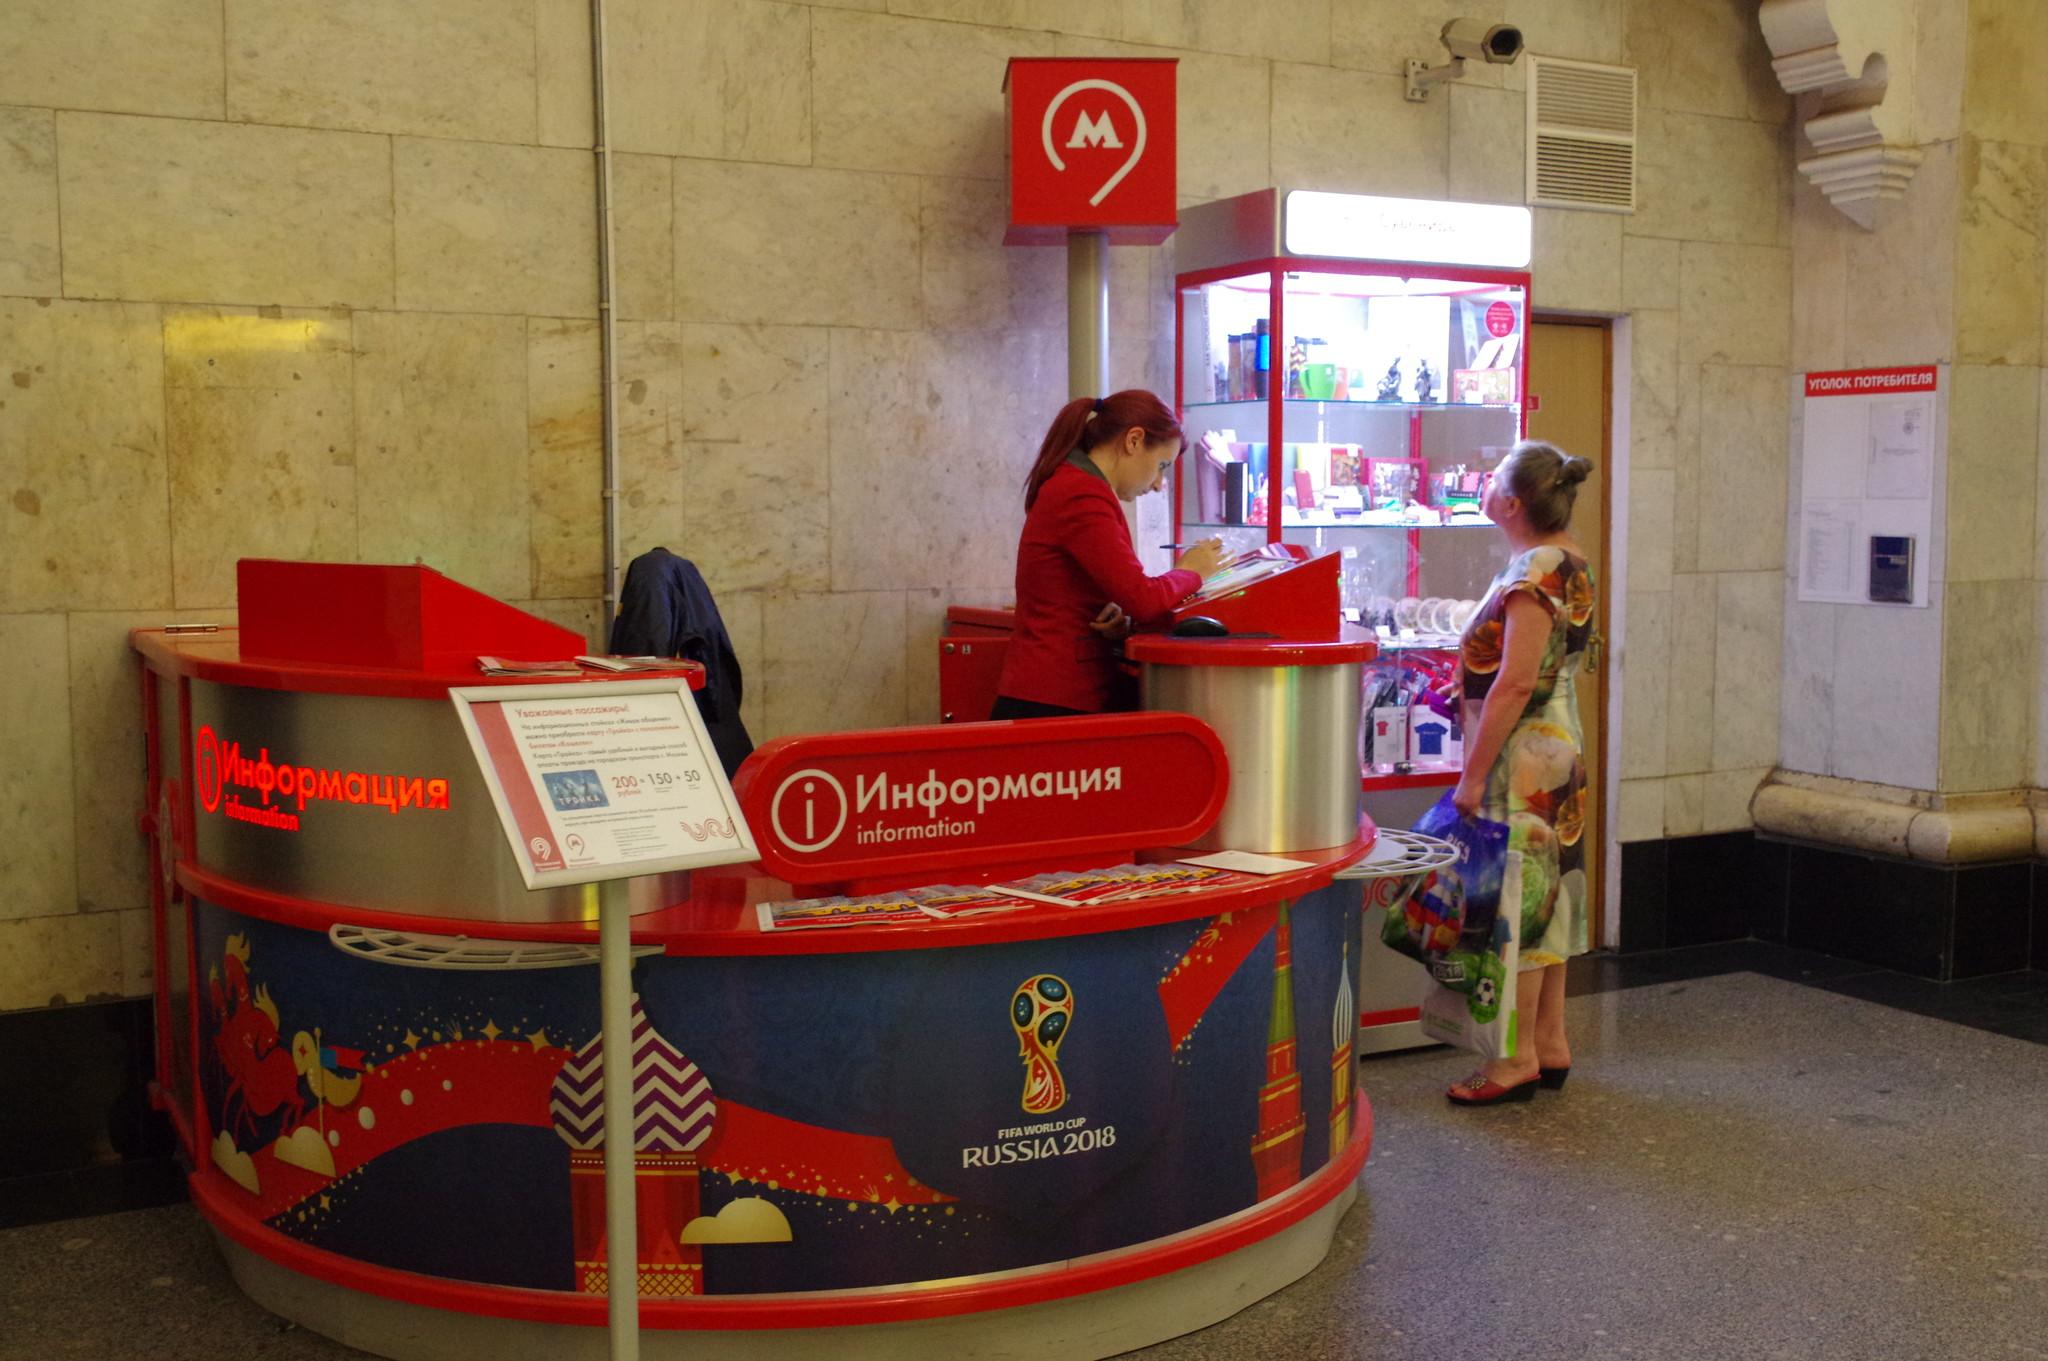 Справочно-информационная стойка для пассажиров на станции «Арбатская» Московского метрополитена